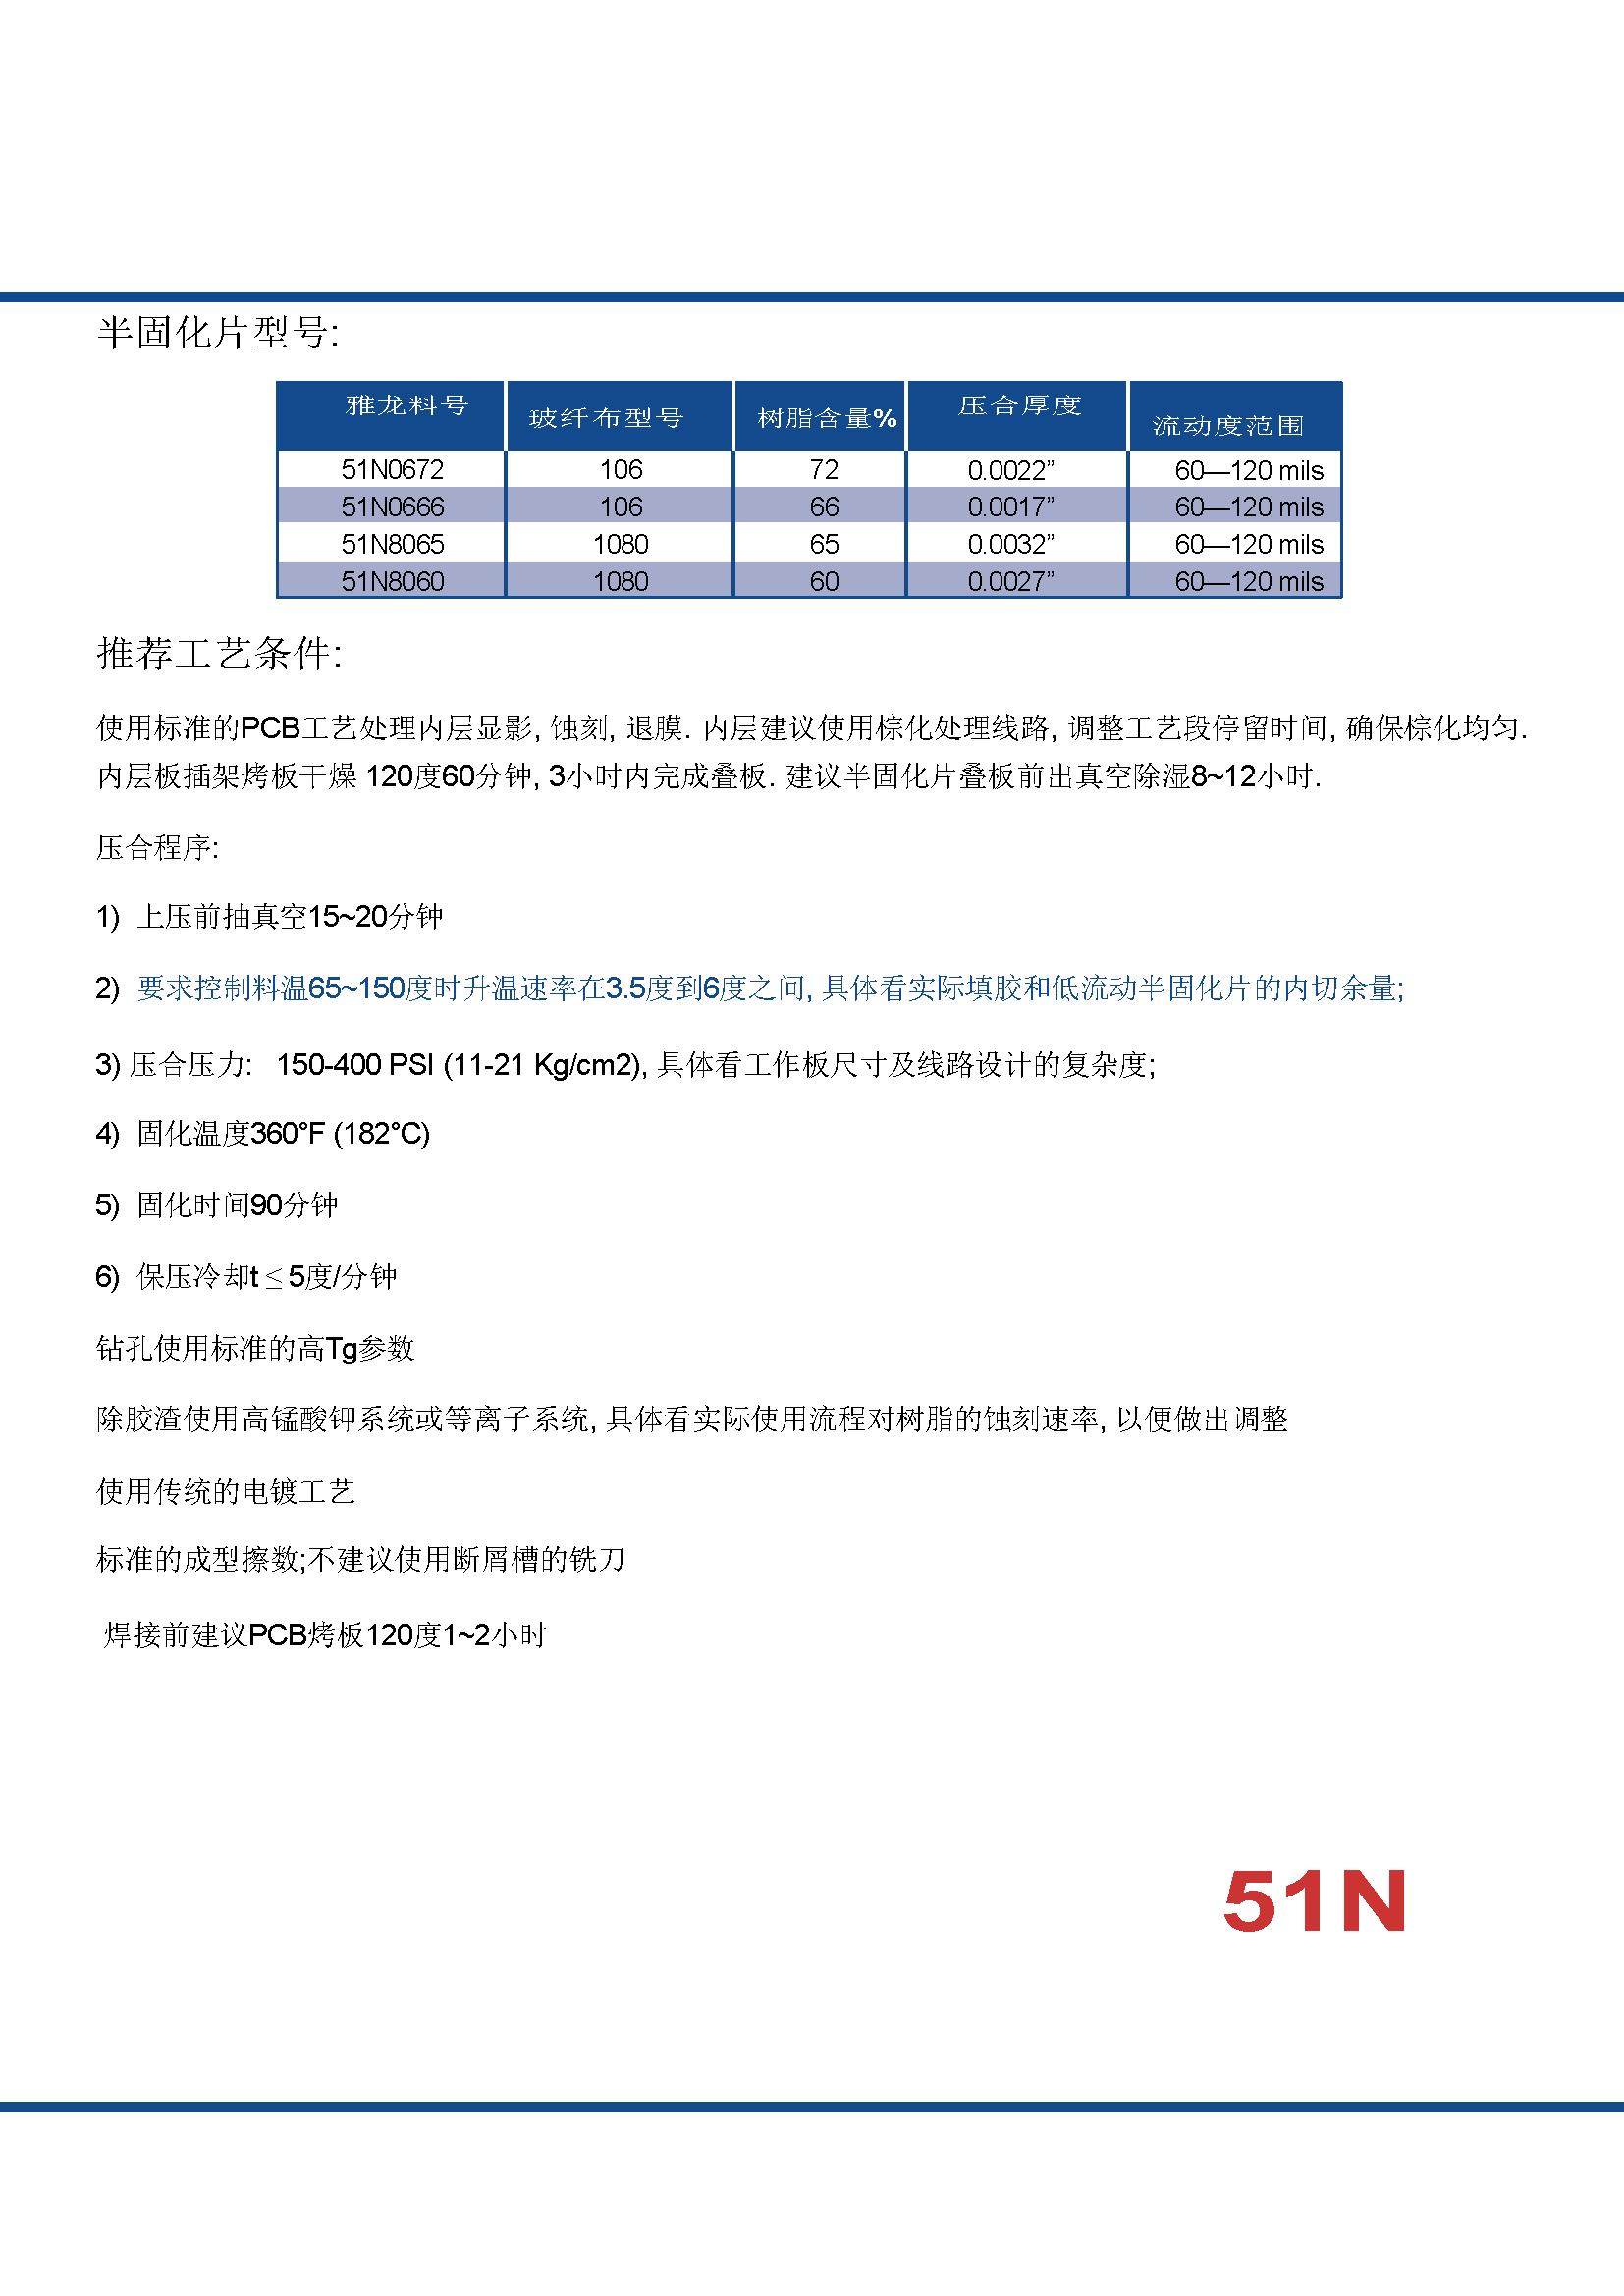 页面提取自-51N中文版_页面_3